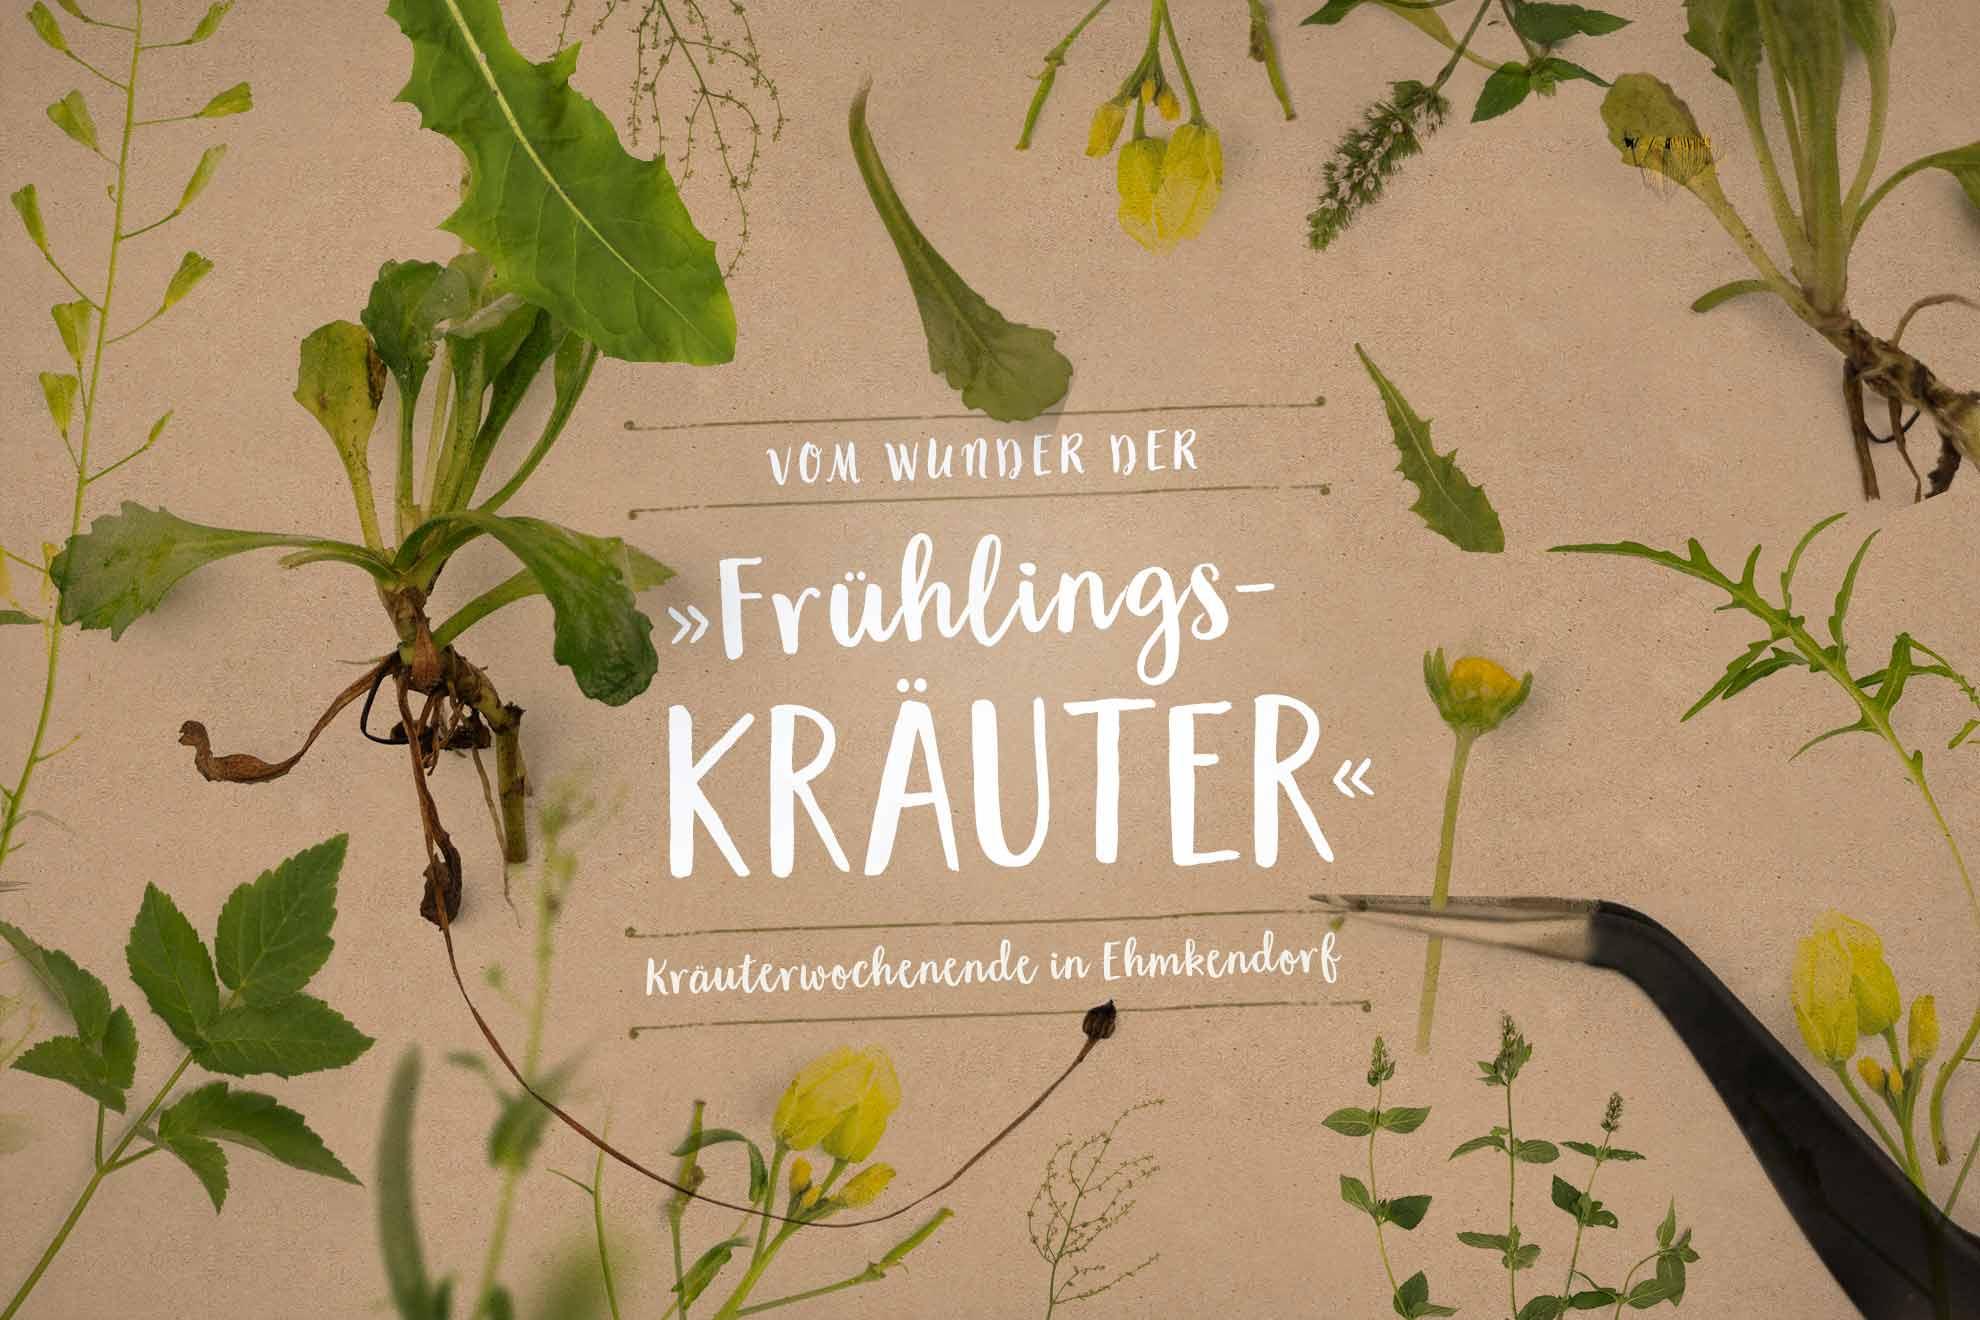 Herbal Hunter Kräuterwochenende im Wildkräuterhotel »Gutshaus Ehmkendorf« – Für ein Wochenende widmen wir uns ganz den Wildkräutern des Frühlings.